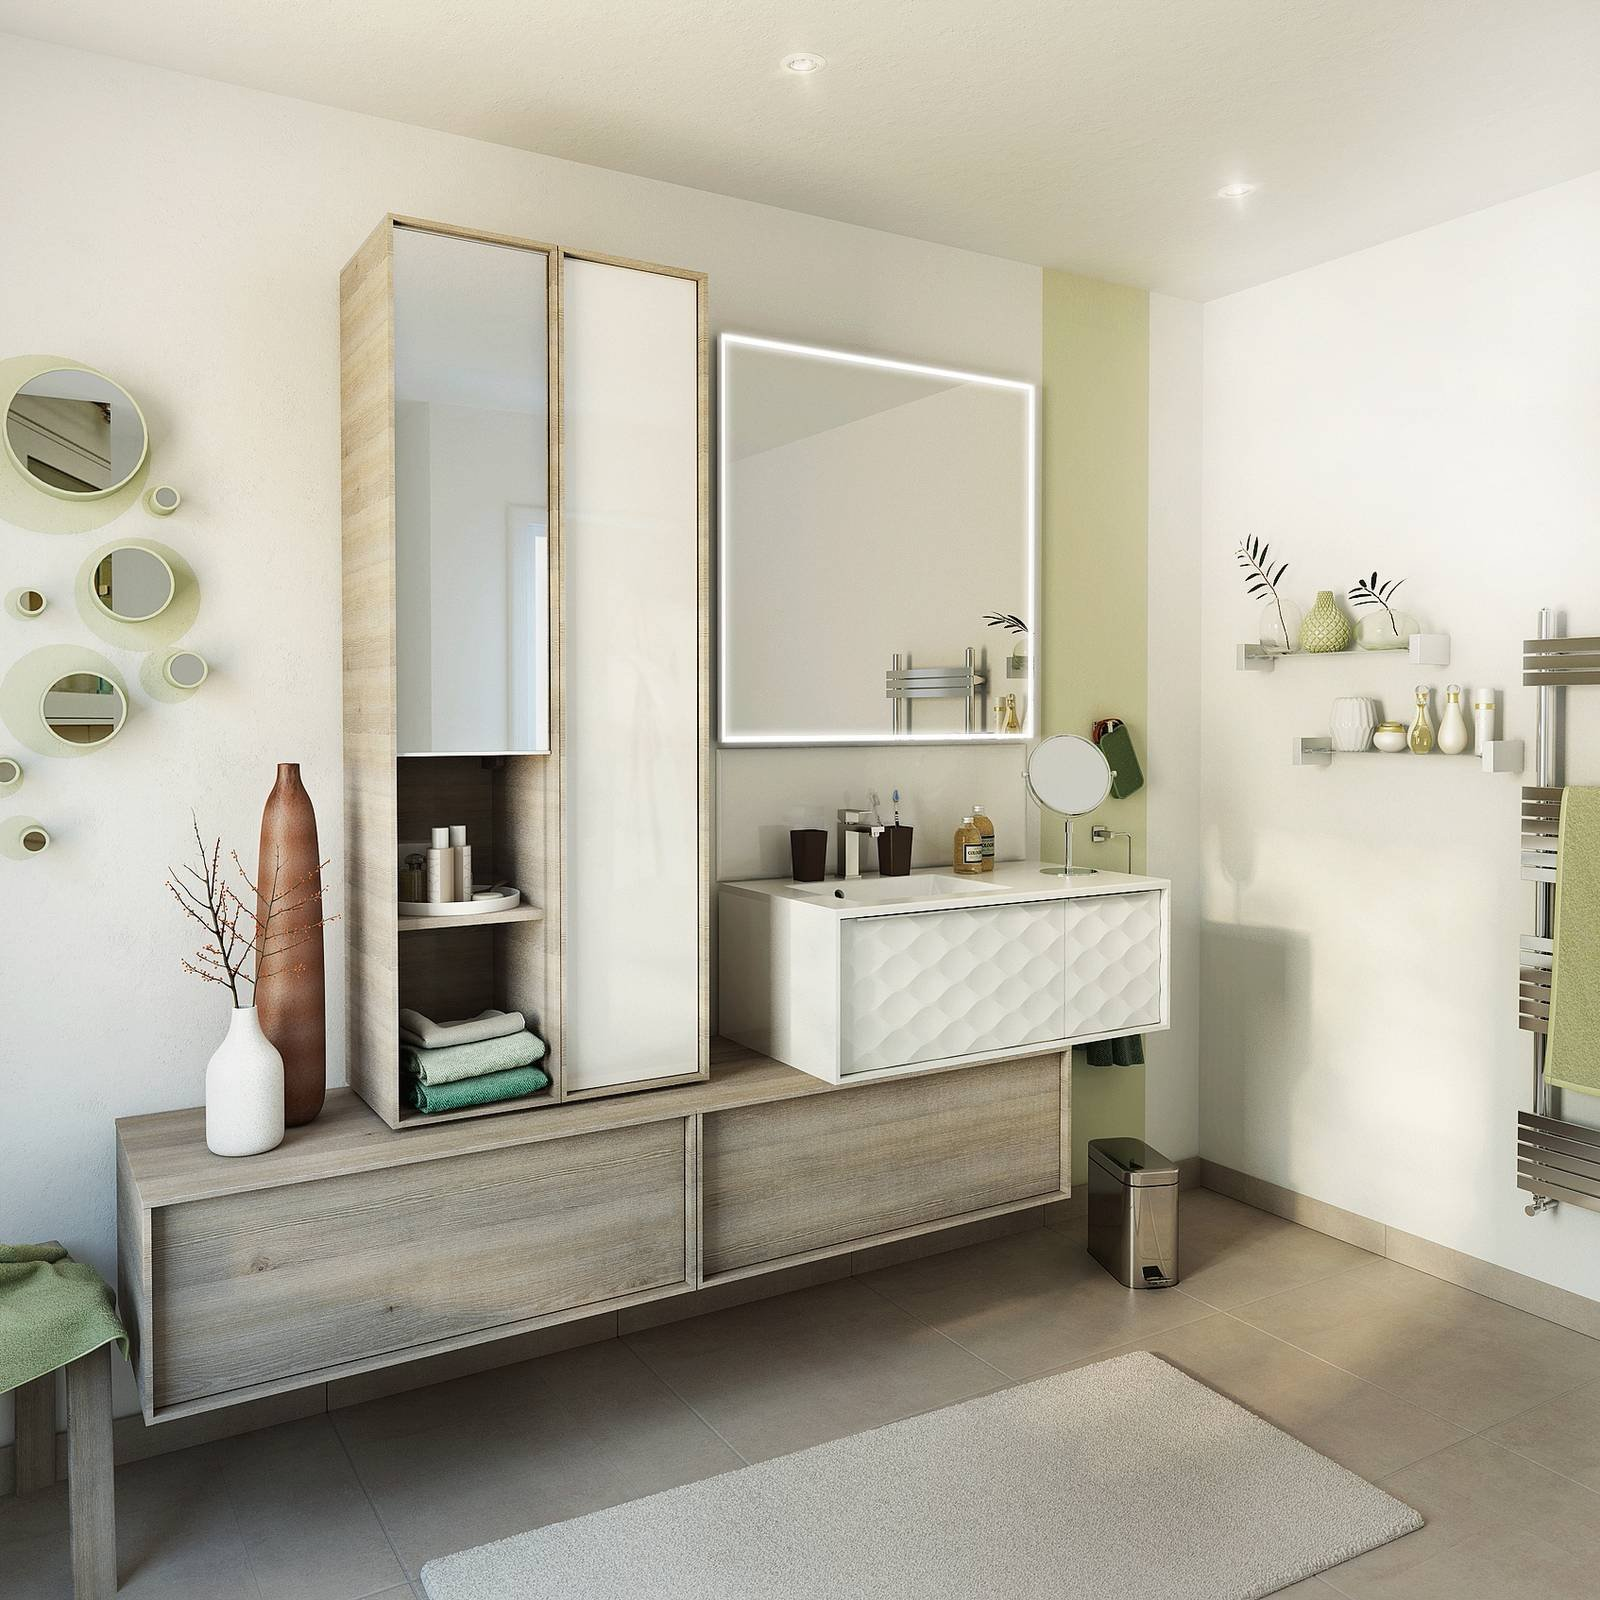 Armadietto Bagno Leroy Merlin.Mobile Bagno Piu Di 500 Idee Per Rinnovare L Ambiente Cose Di Casa